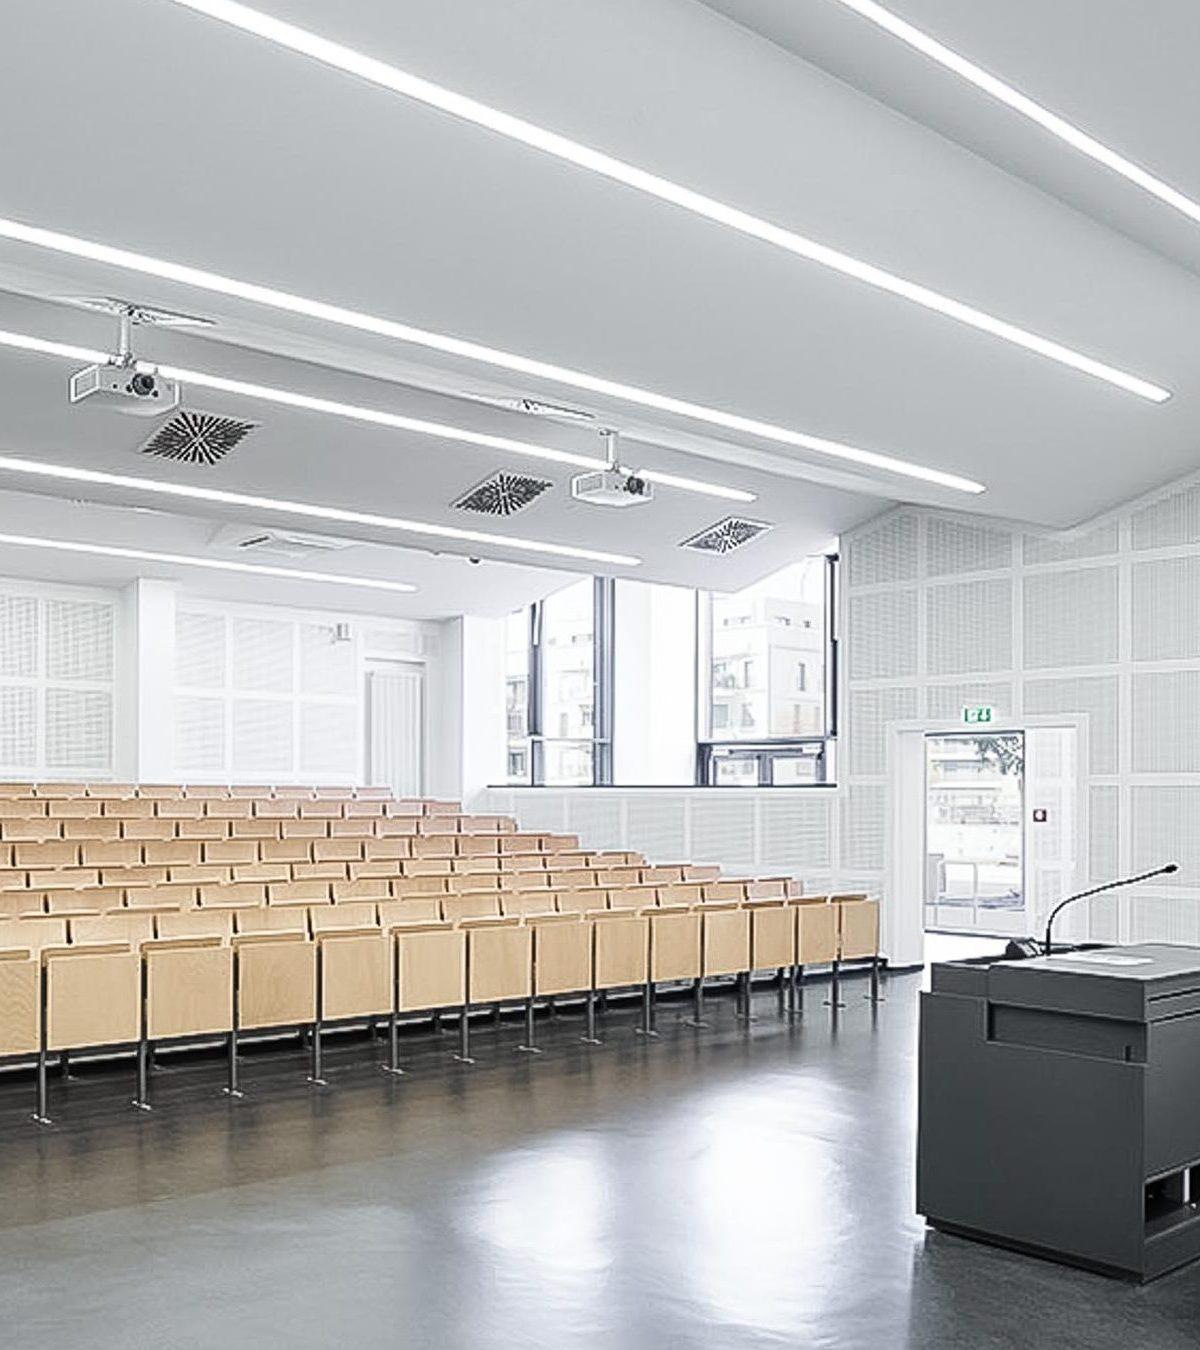 Universität Bamberg - Vorlesungssaal